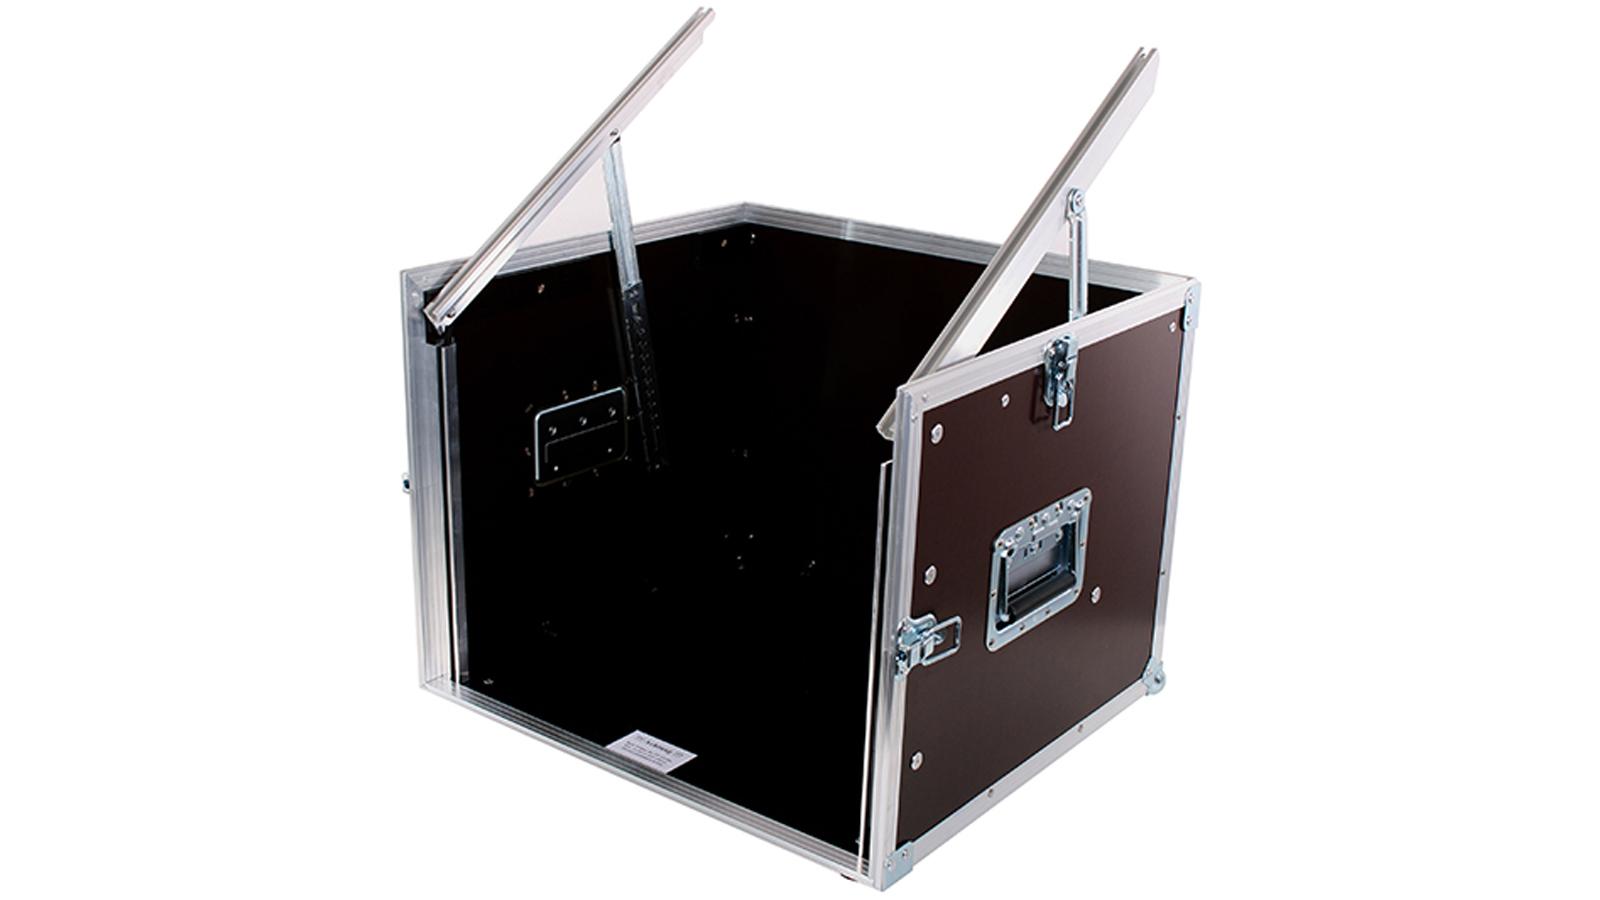 LT-Case Winkelrack 8 HE Eco